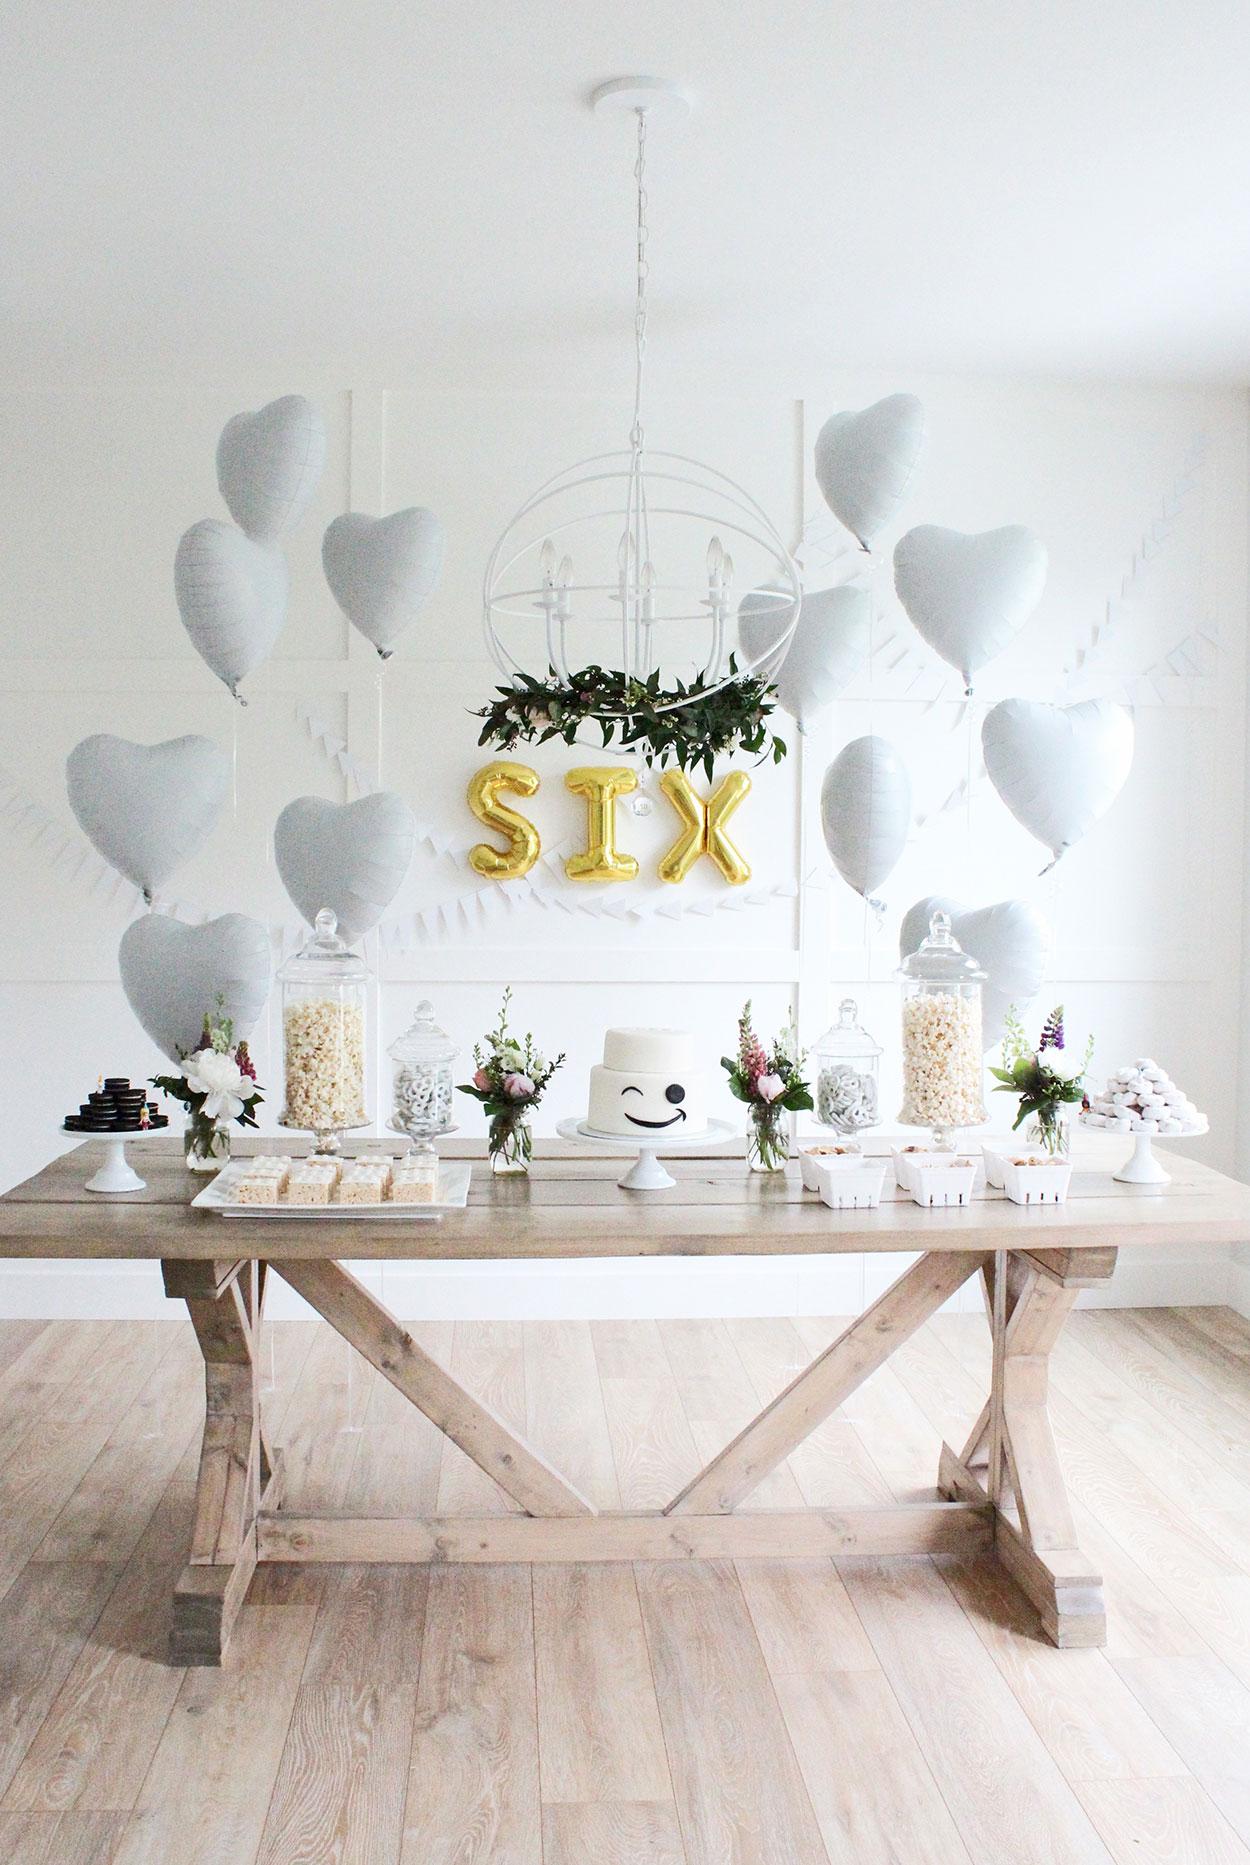 db11d867d Decoração com Balões  60 Ideias Incríveis para Festas